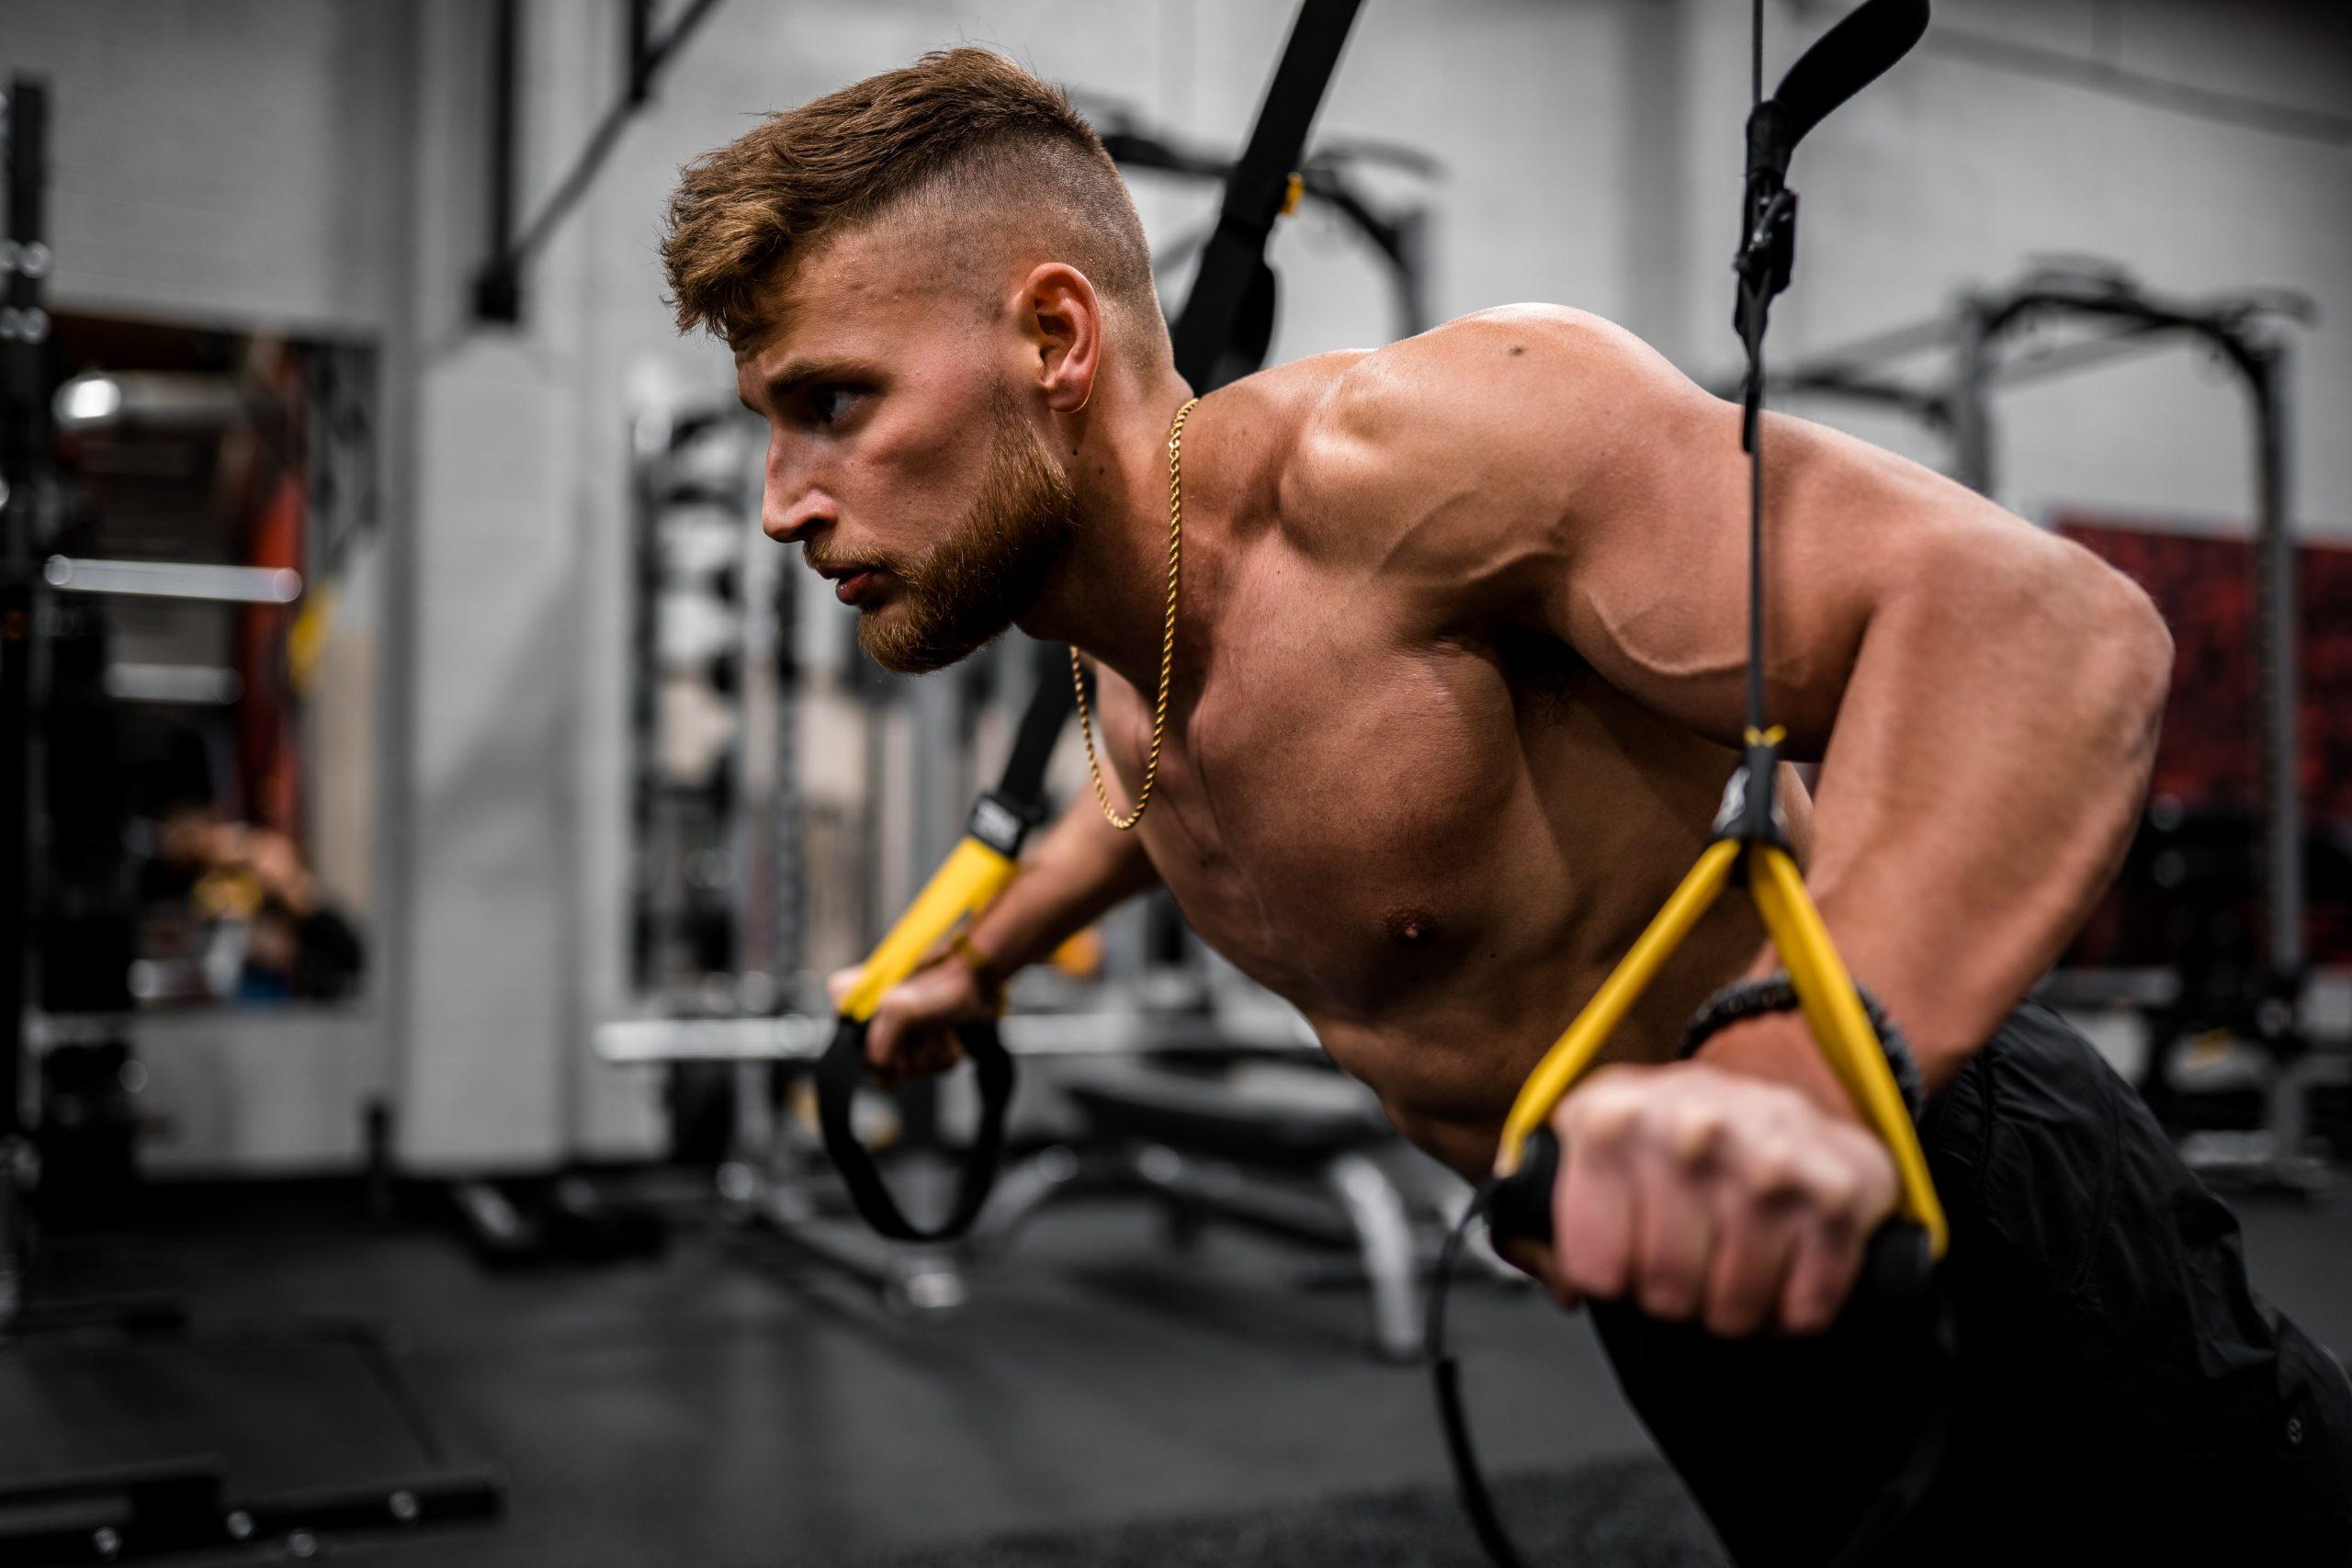 Dietas para ganar masa muscular: 5 reglas básicas de alimentación